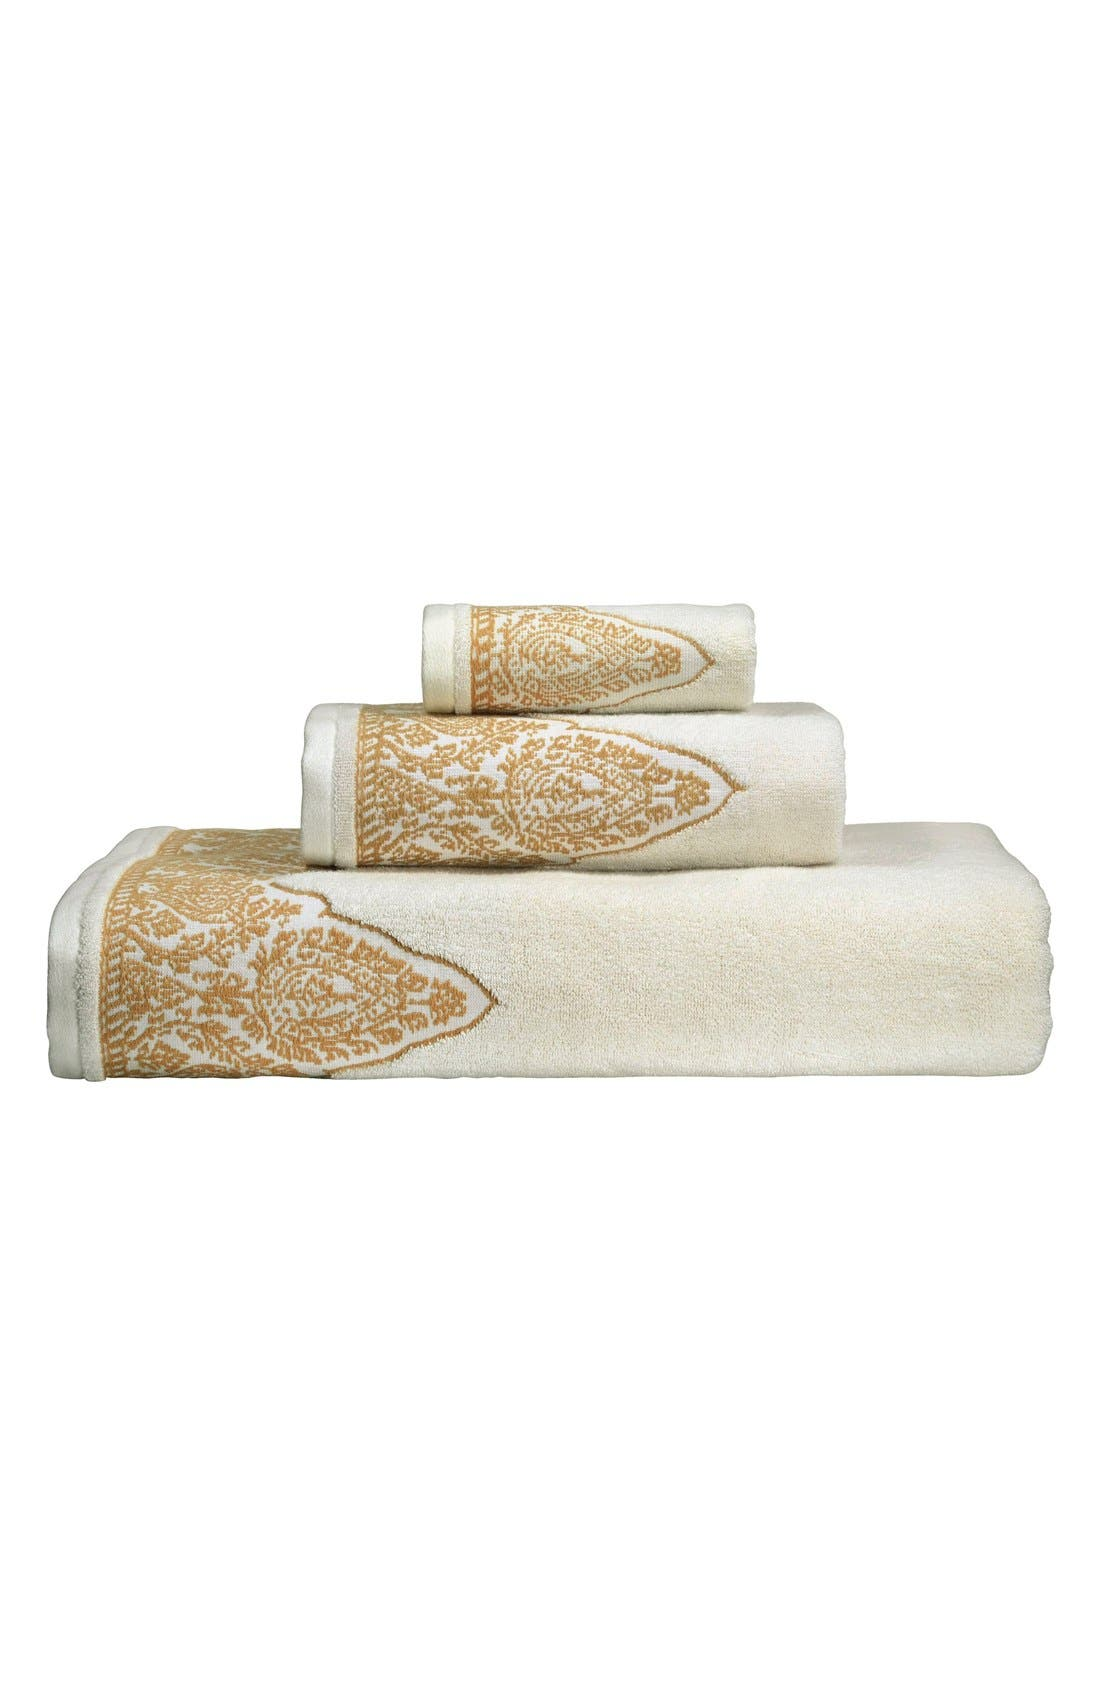 John Robshaw 'Nadir' Towel Collection